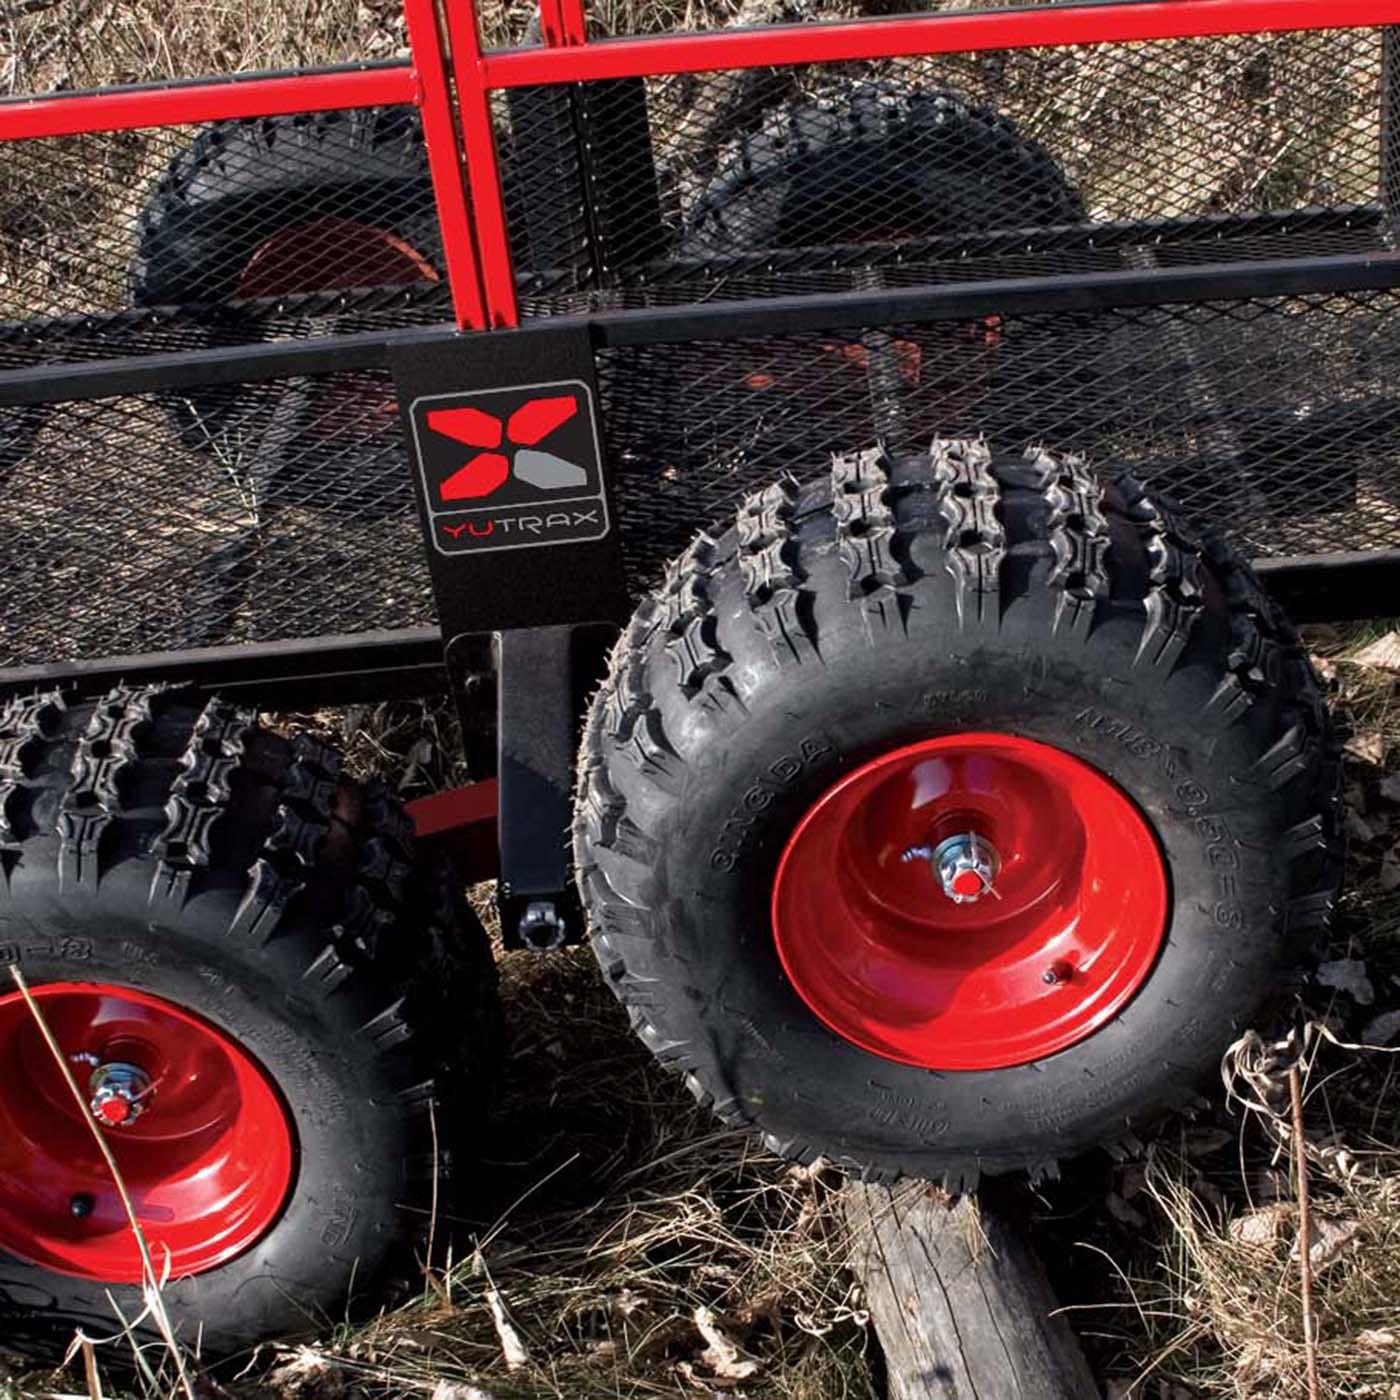 Yutrax Tx191 Atv Trailer Tracking Beam Axle Kit Loading Heavy Duty Ebay